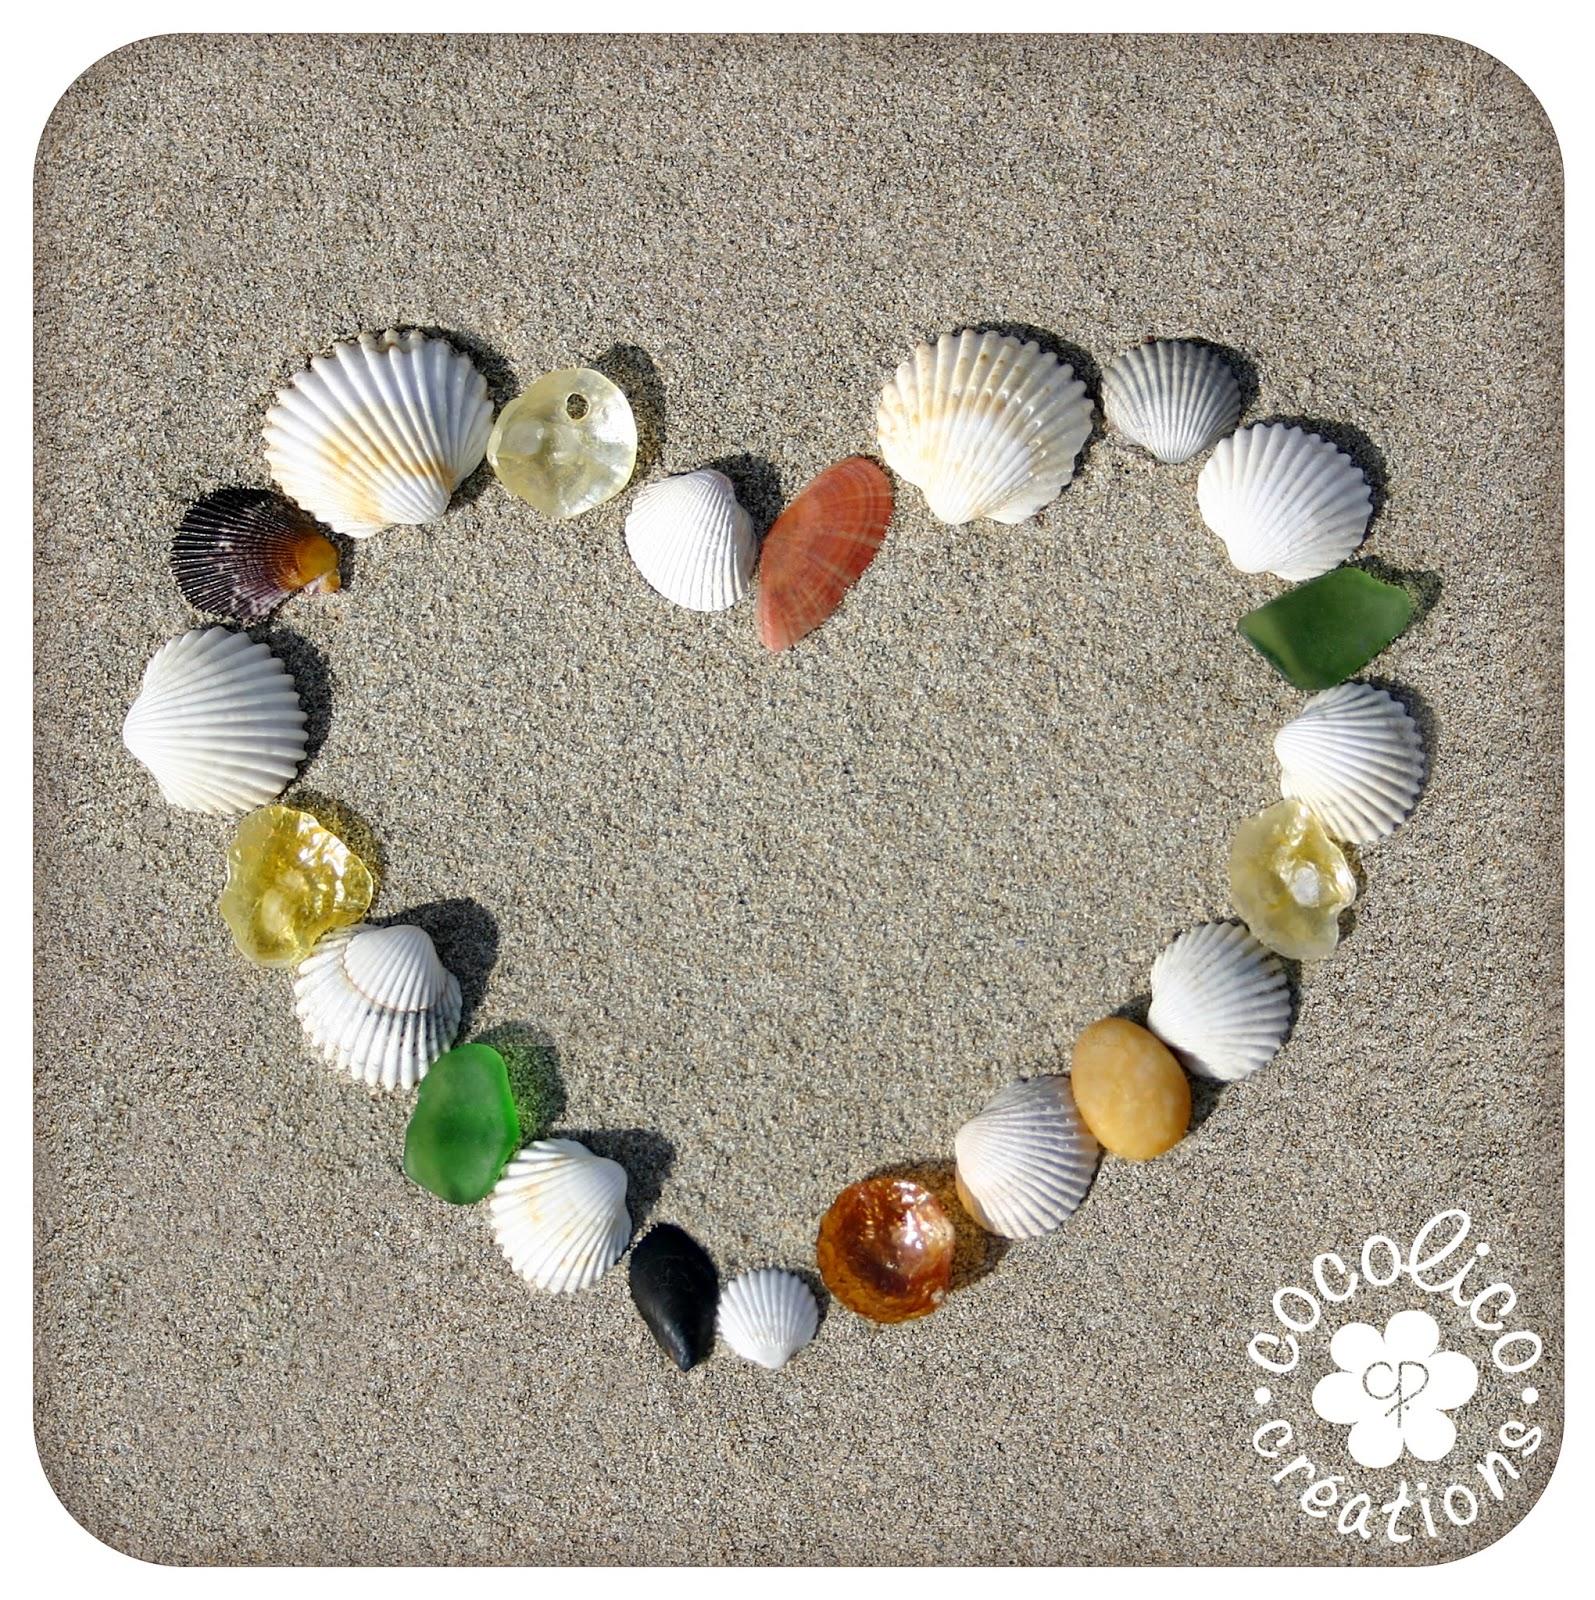 Cocolico creations dites le avec des coeurs 3 coeur de coquillages - Coeur avec des photos ...